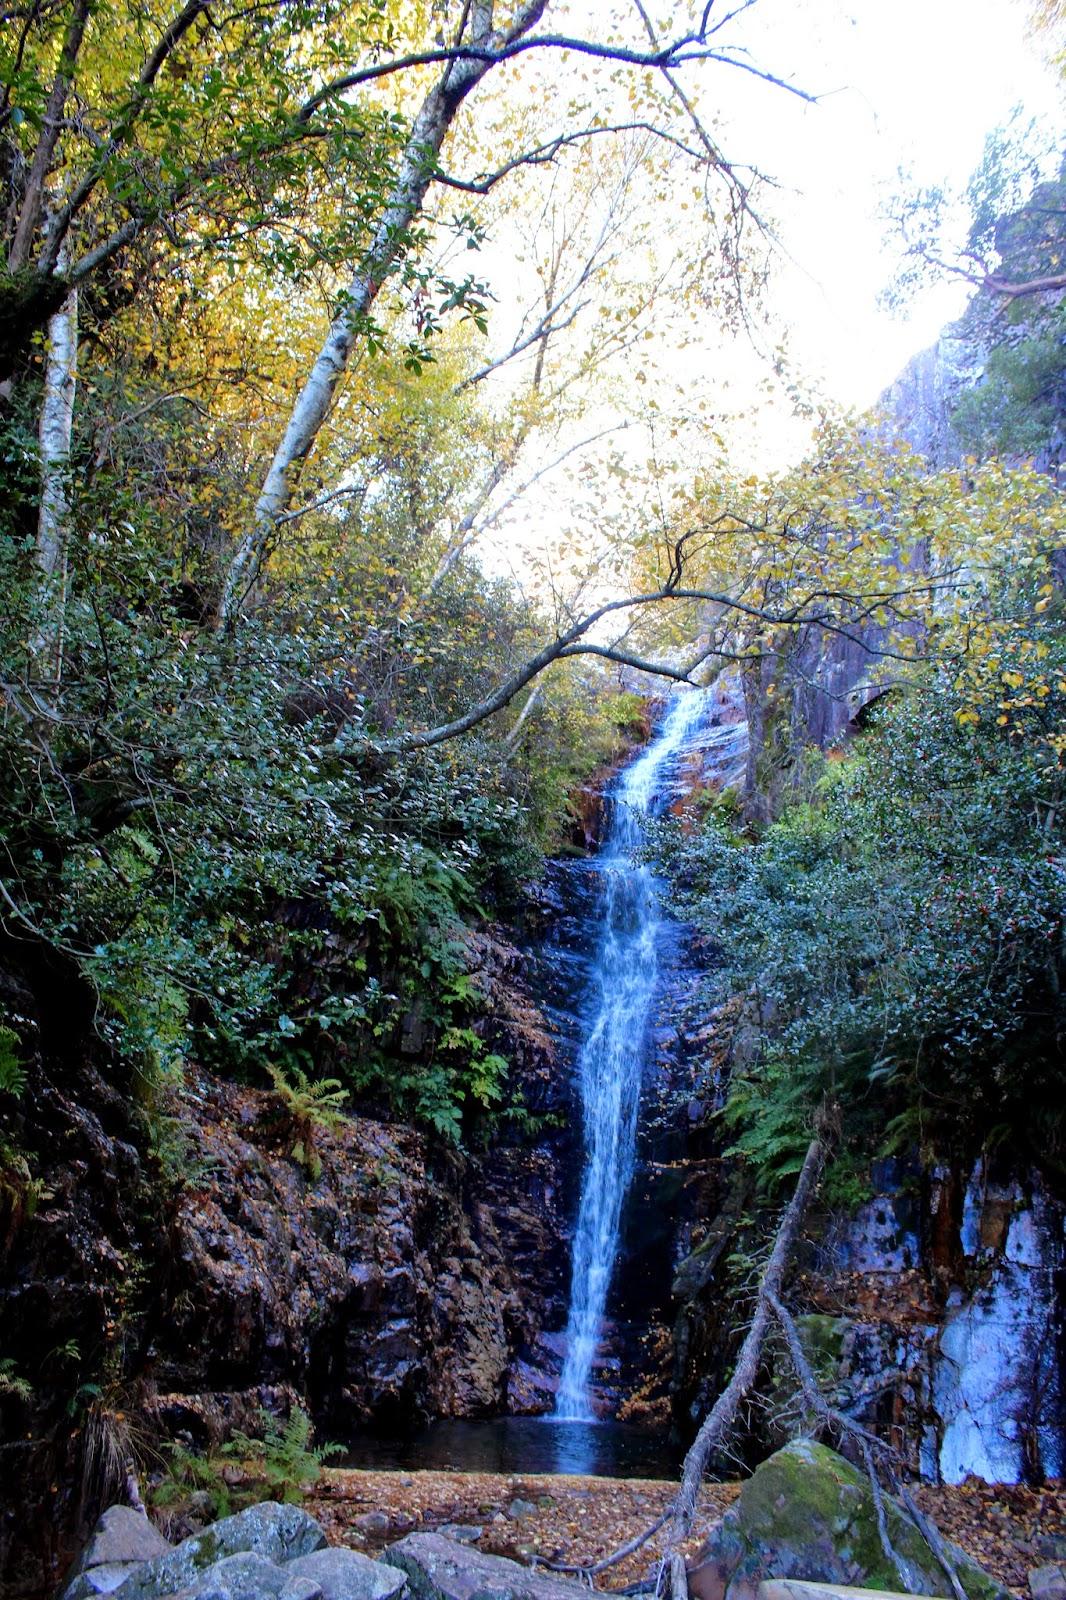 Cascada del Chorro en el Parque Nacional de Cabañeros